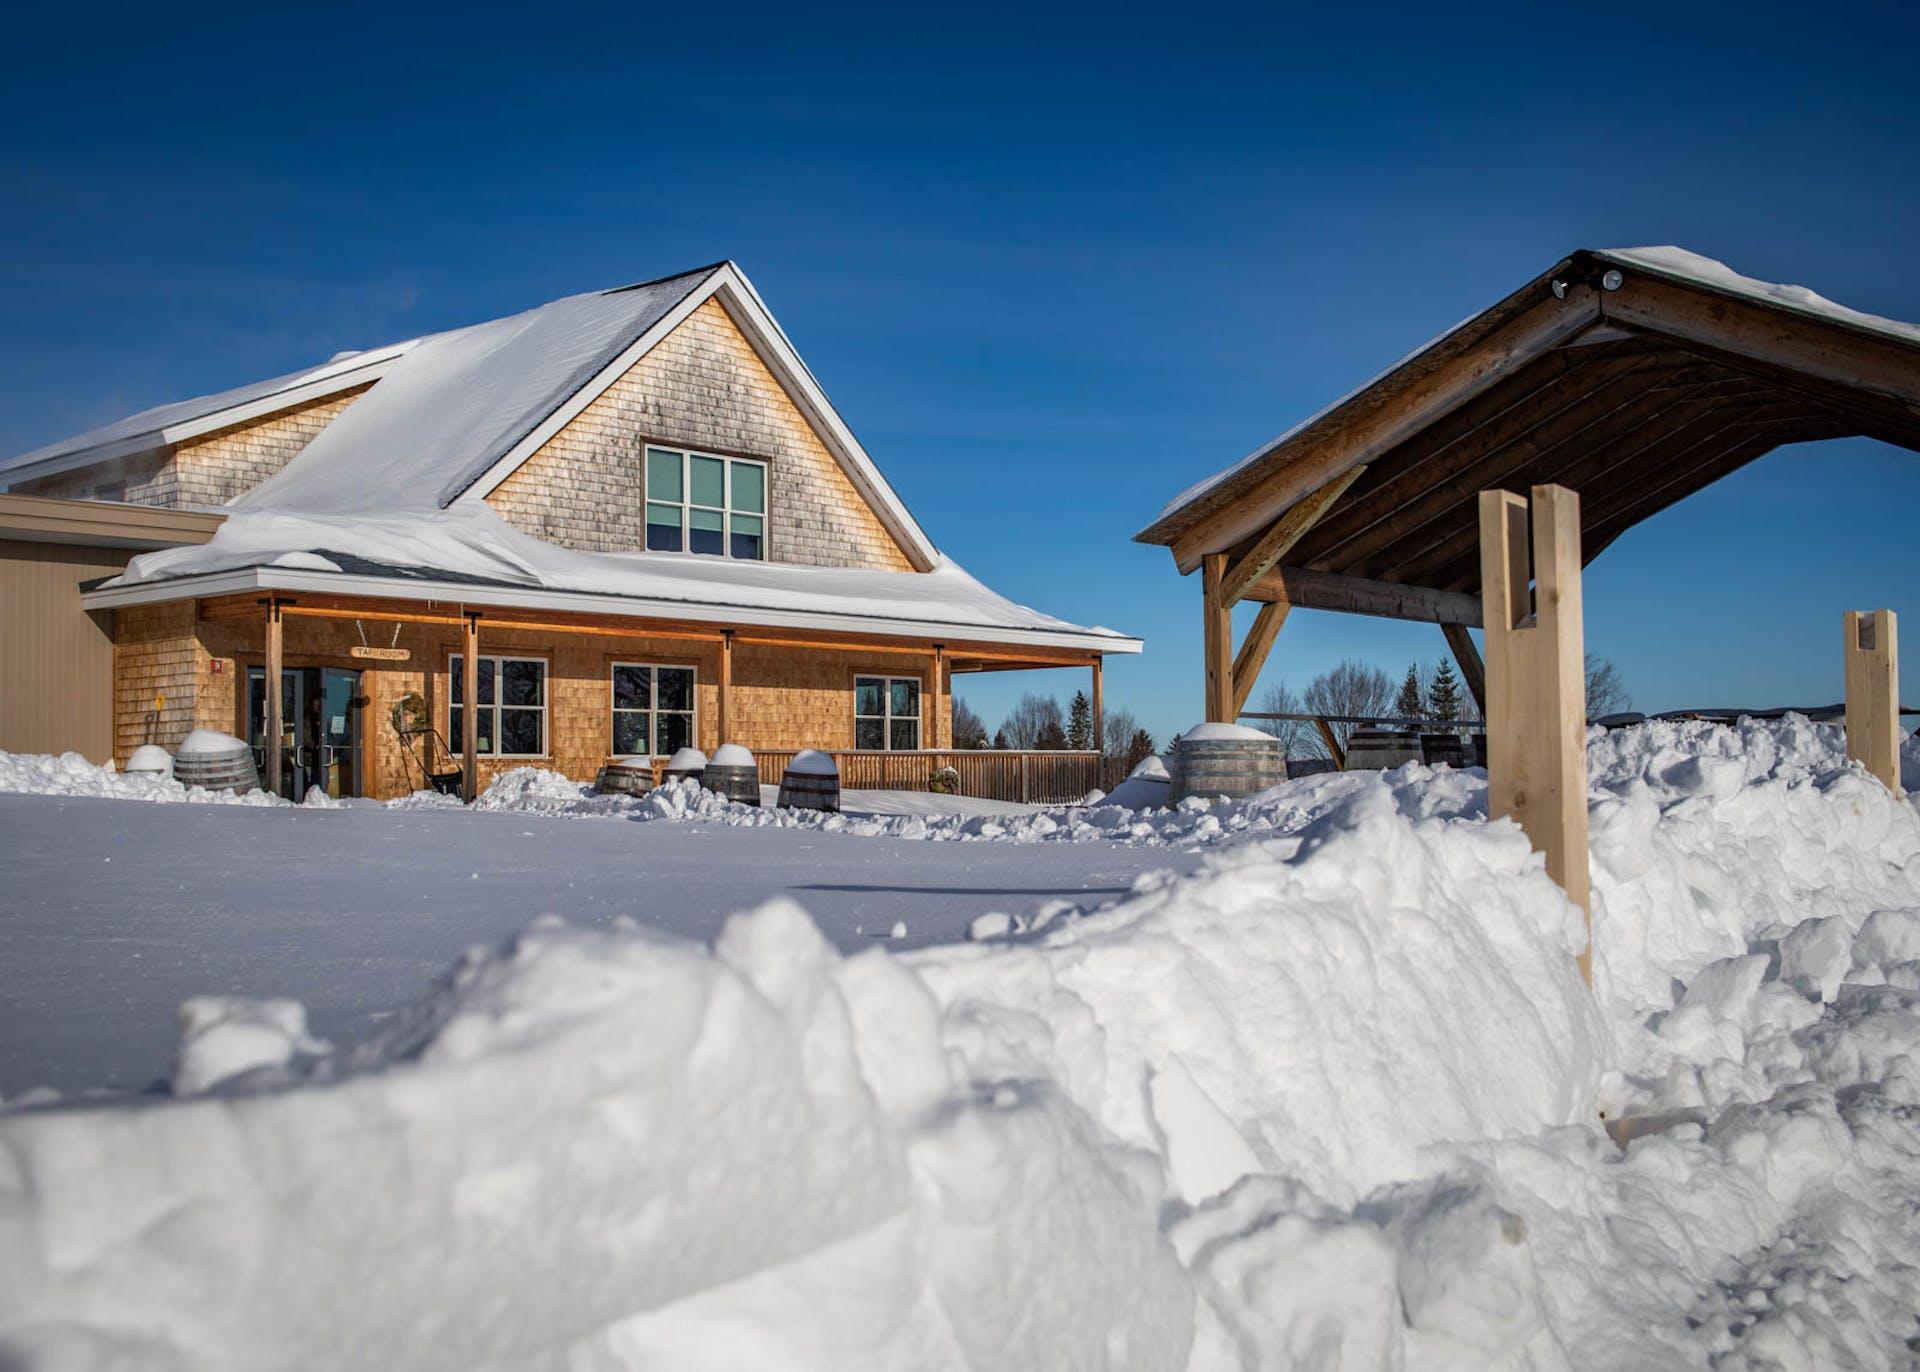 External tastingroom winter